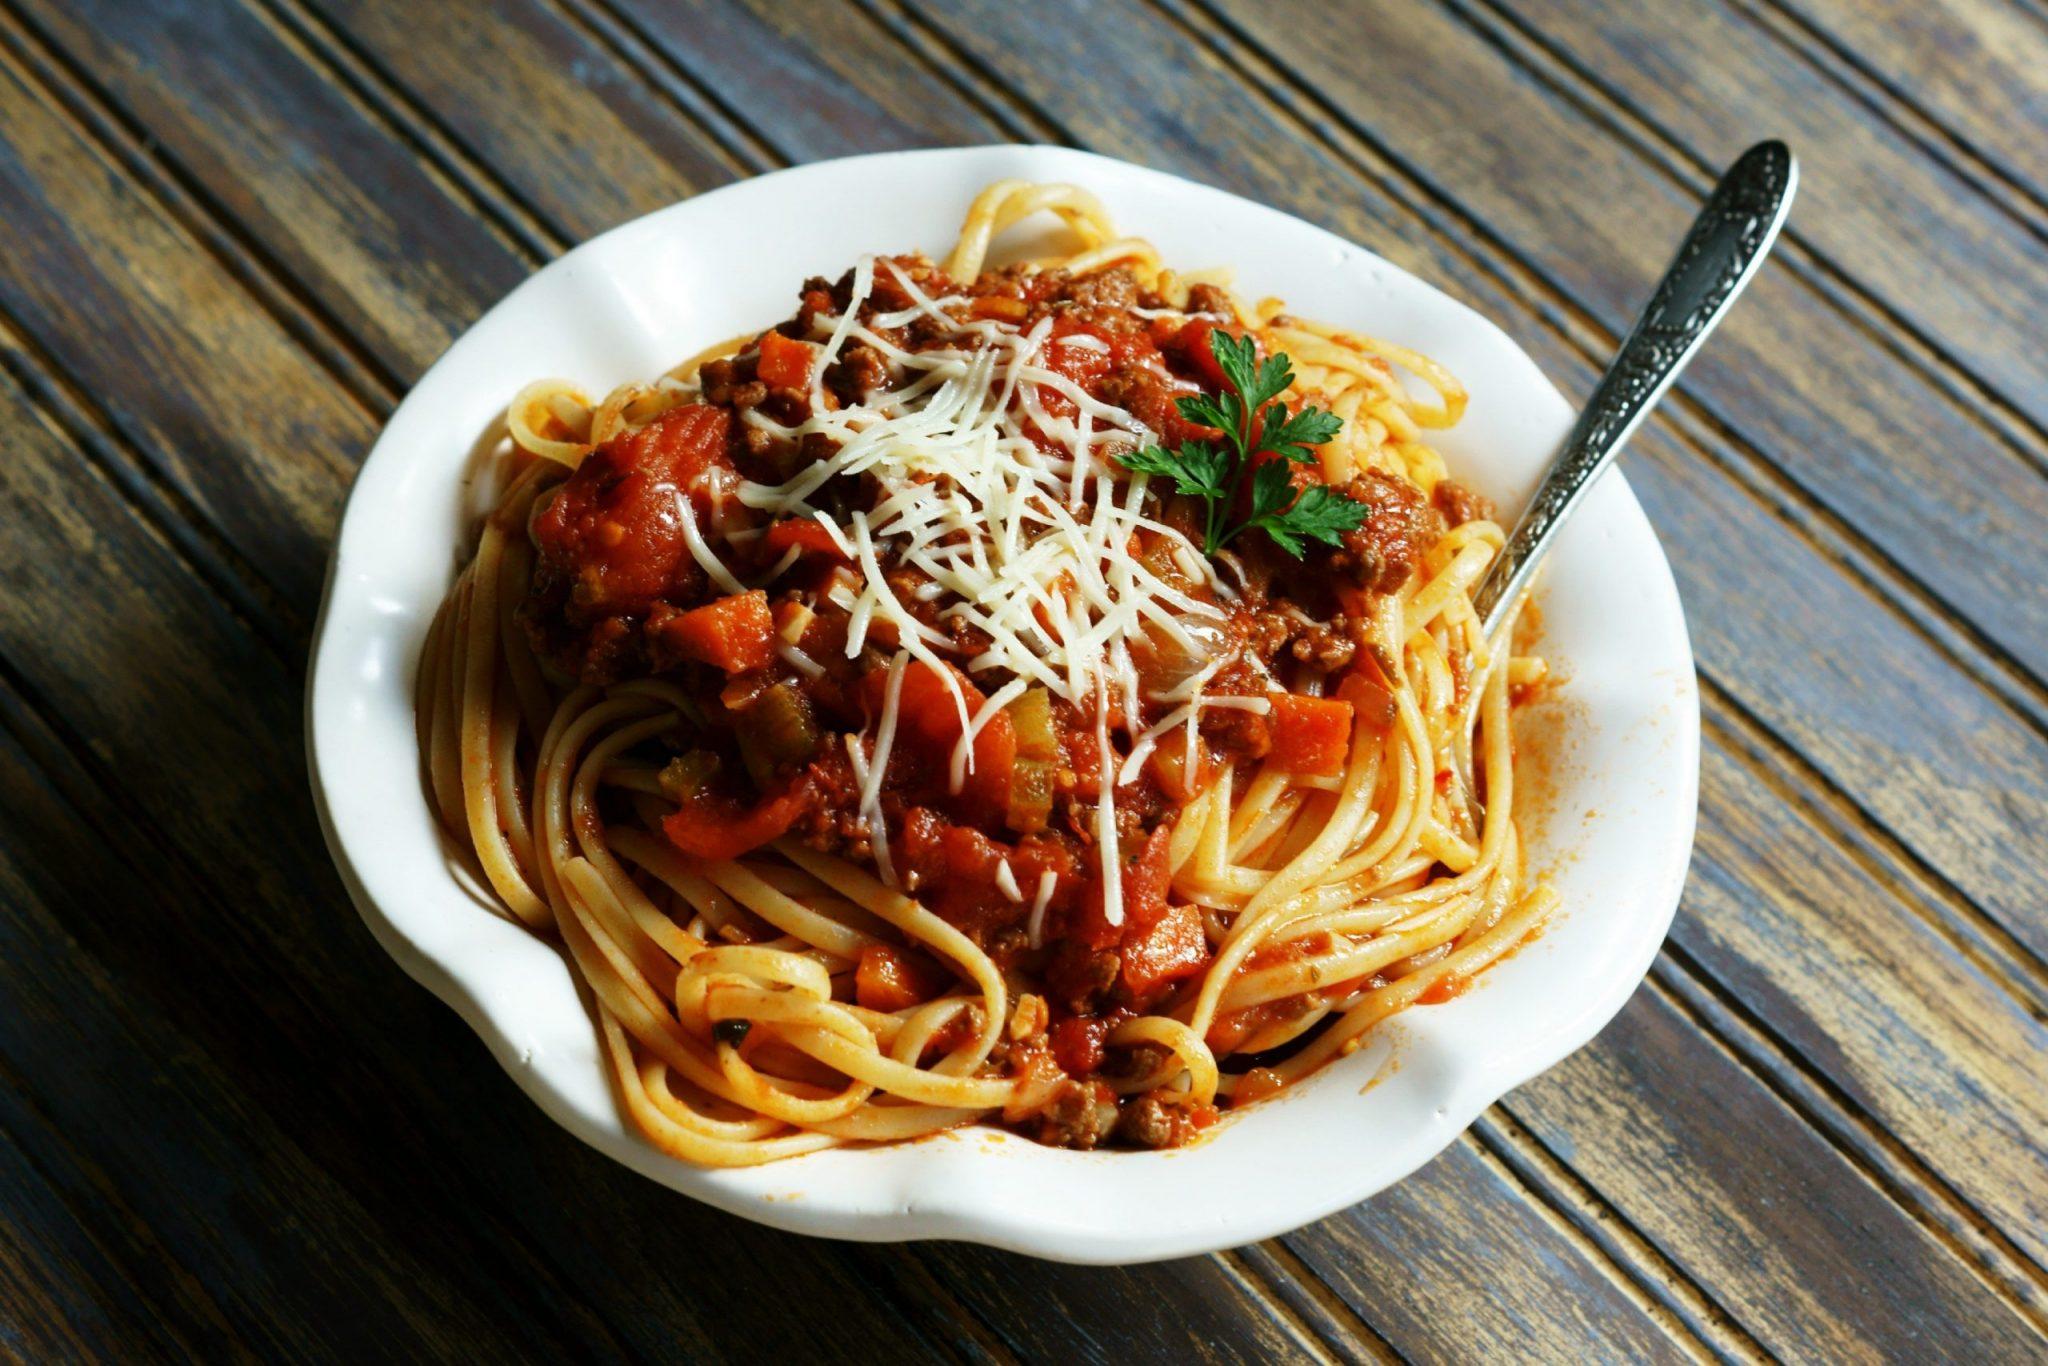 Imagem: Receita de esparguete a bolonhesa para almoco rapido e simples Aprenda a fazer esparguete à bolonhesa para almoço rápido e simples